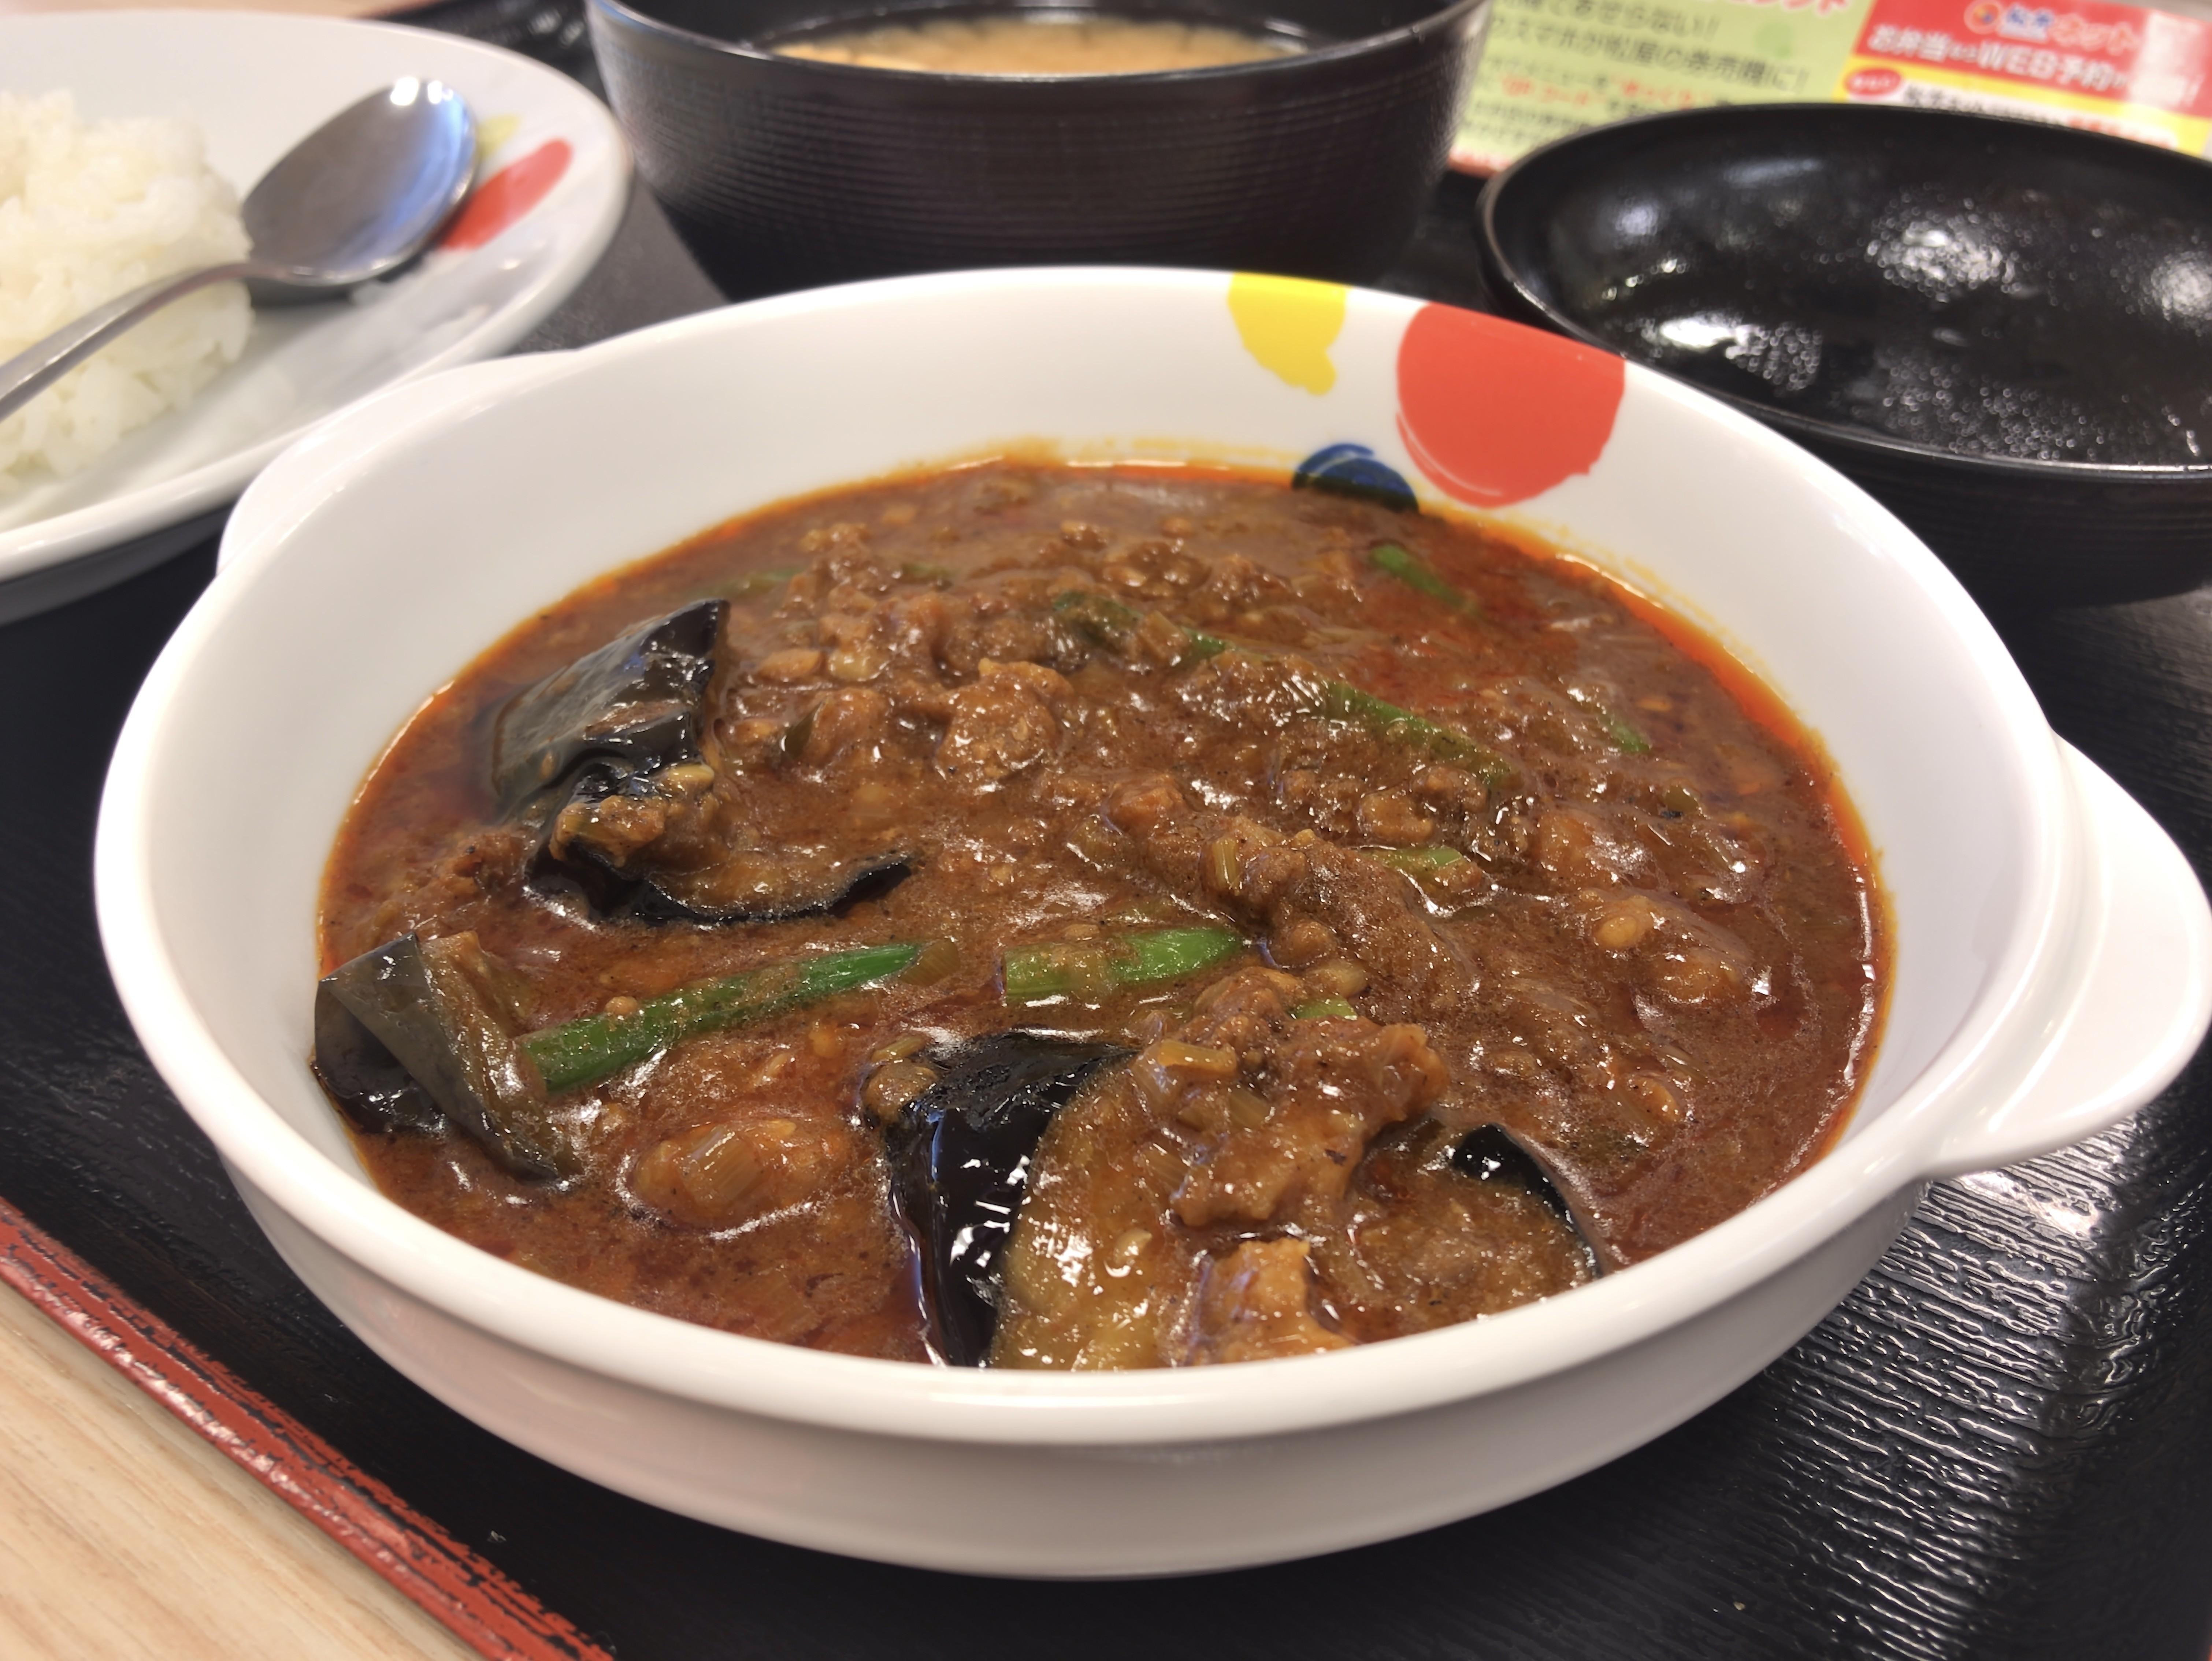 [松屋][粗挽き肉と茄子の][麻婆カレー定食][税込み590円][886kcal]